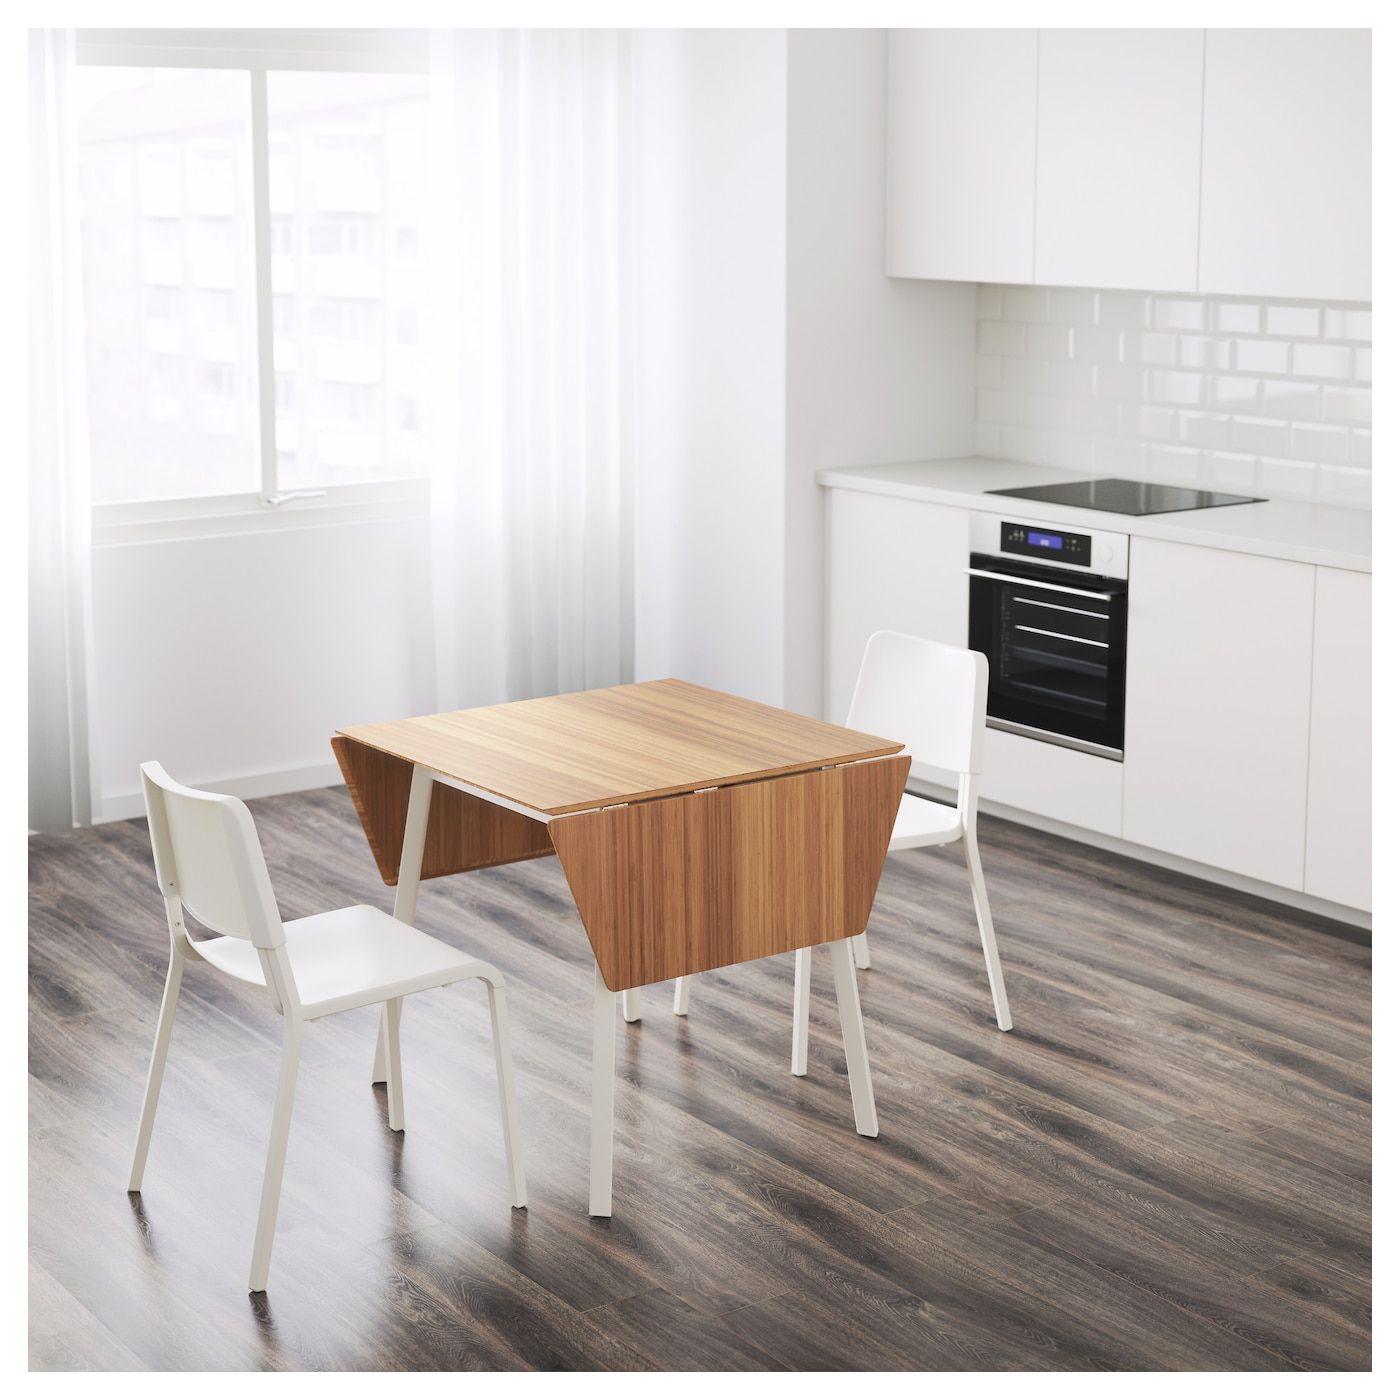 Ikea Ps 2012 Teodores Tisch Und 2 Stuhle Bambus Weiss Weiss Ikea Osterreich Ikea Ikea Ps Kleiner Esstisch